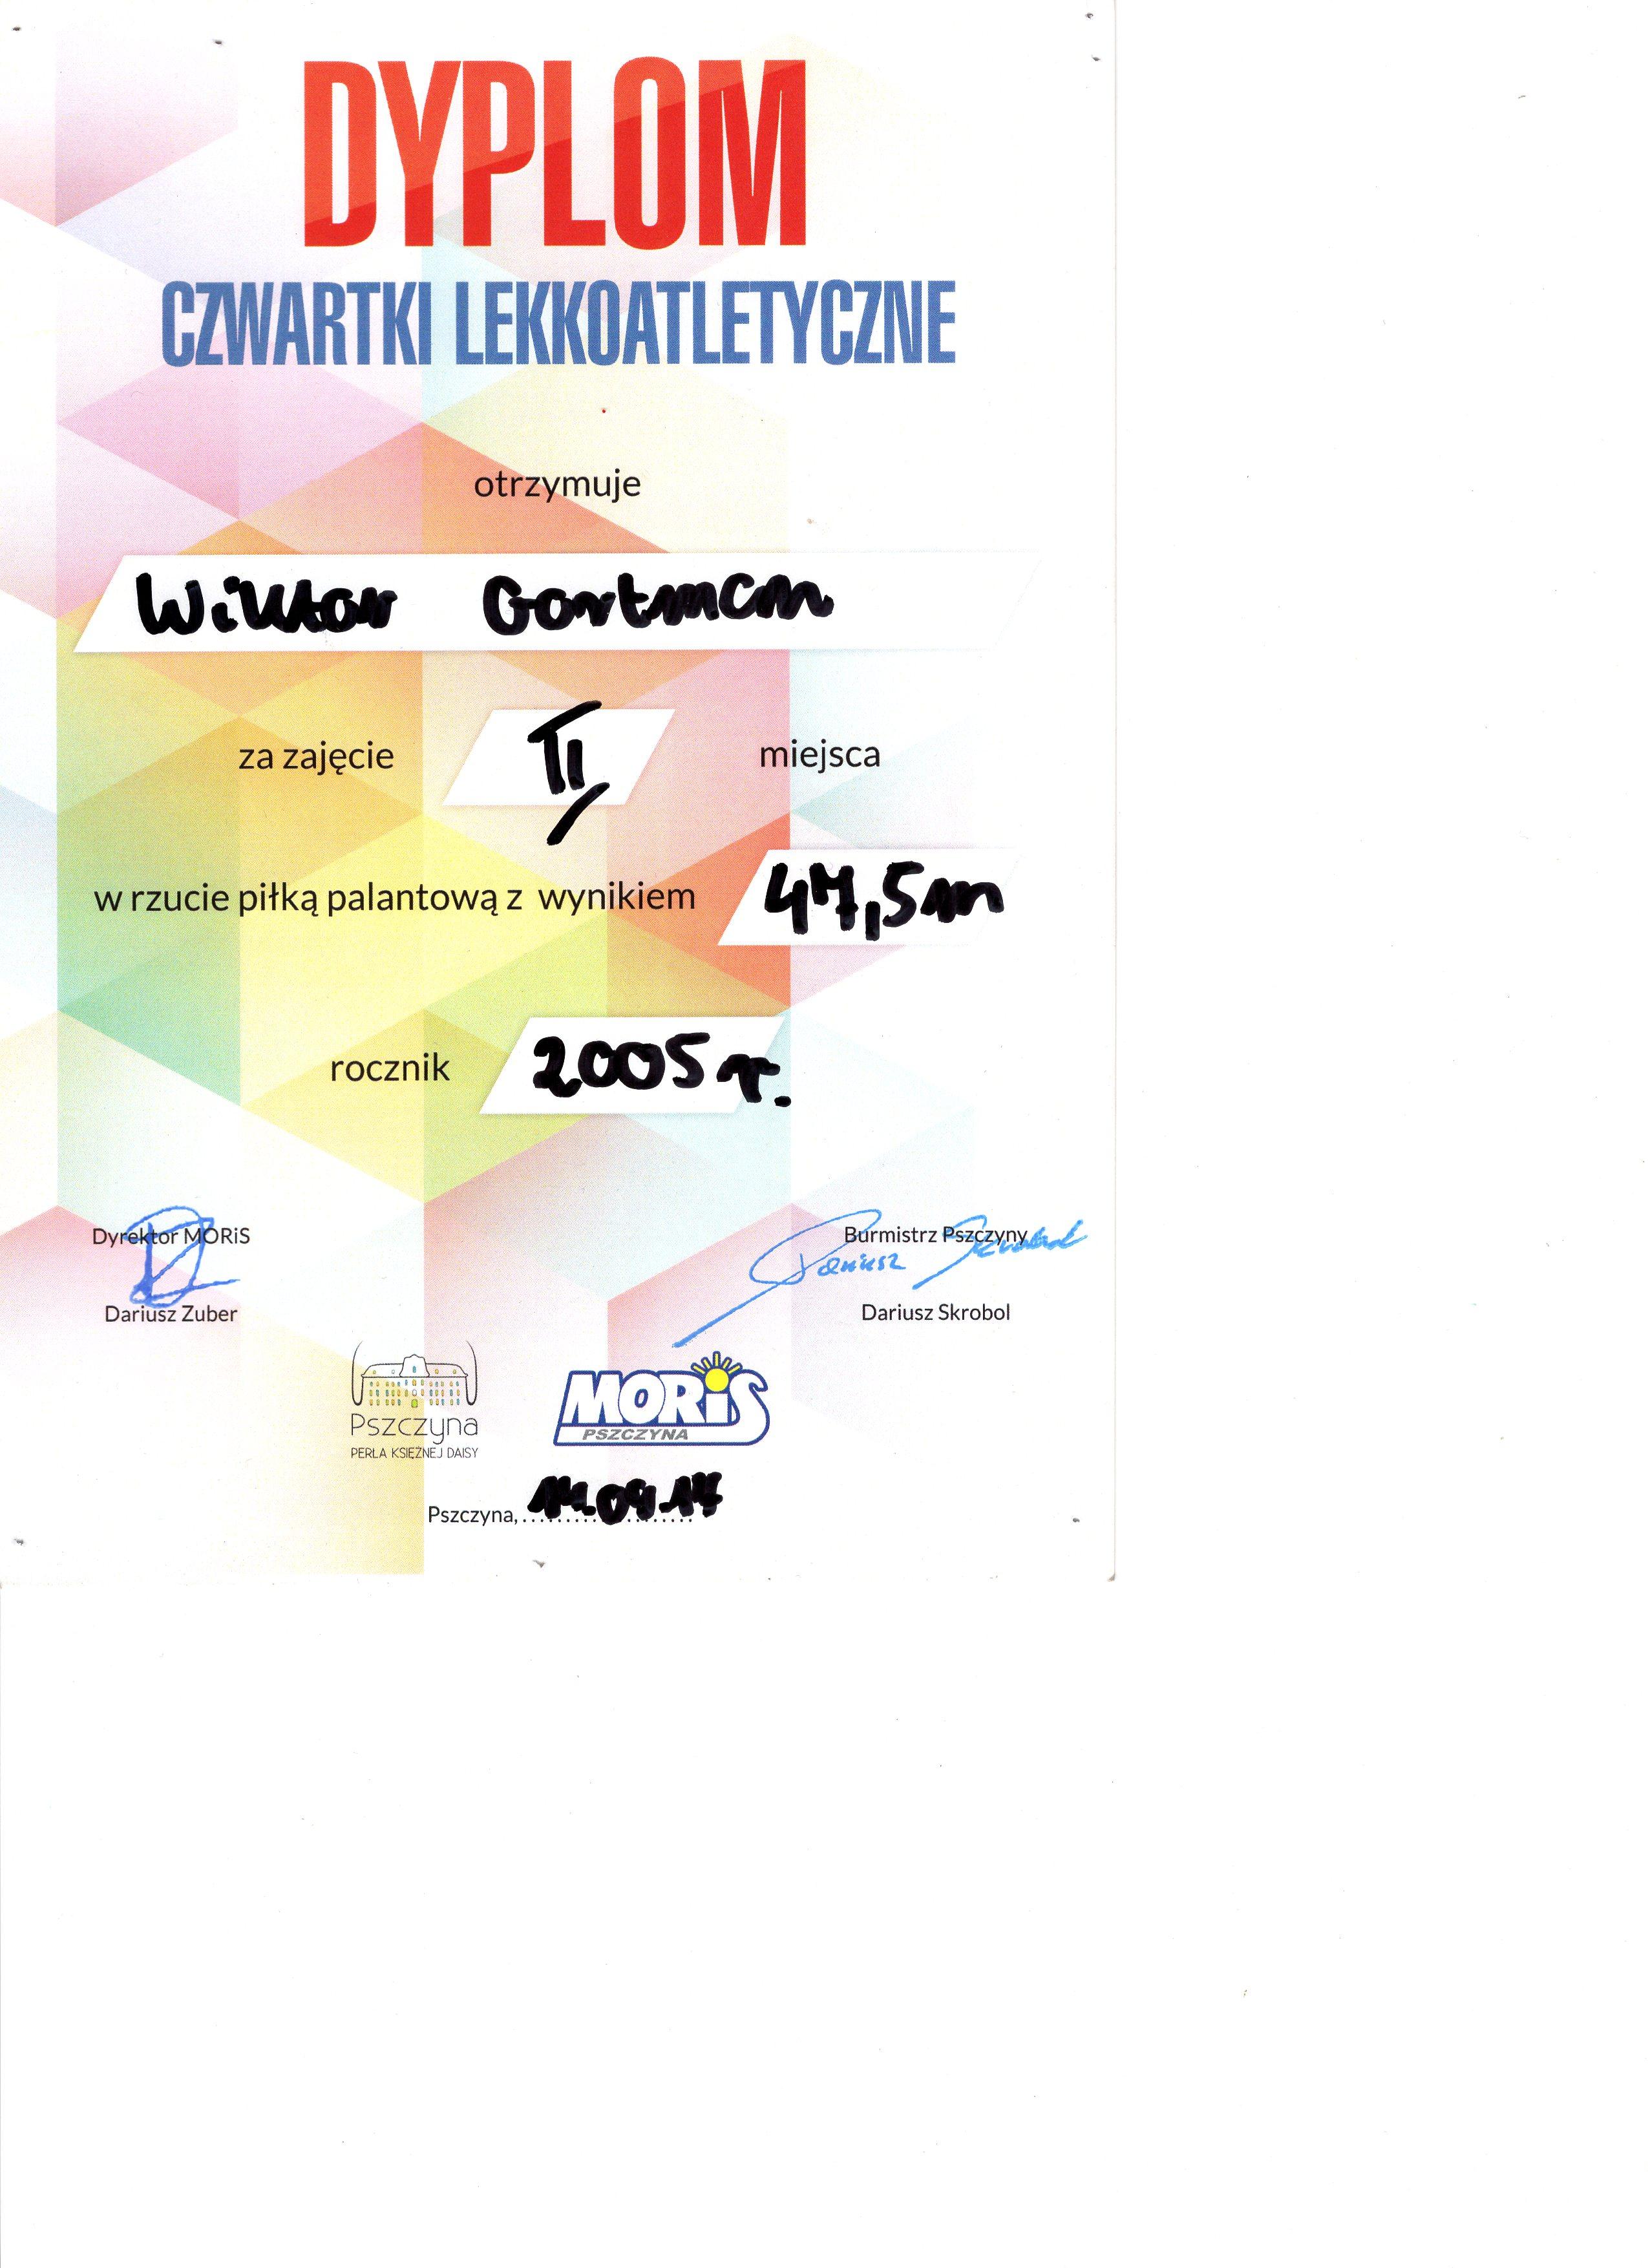 Czwartki015